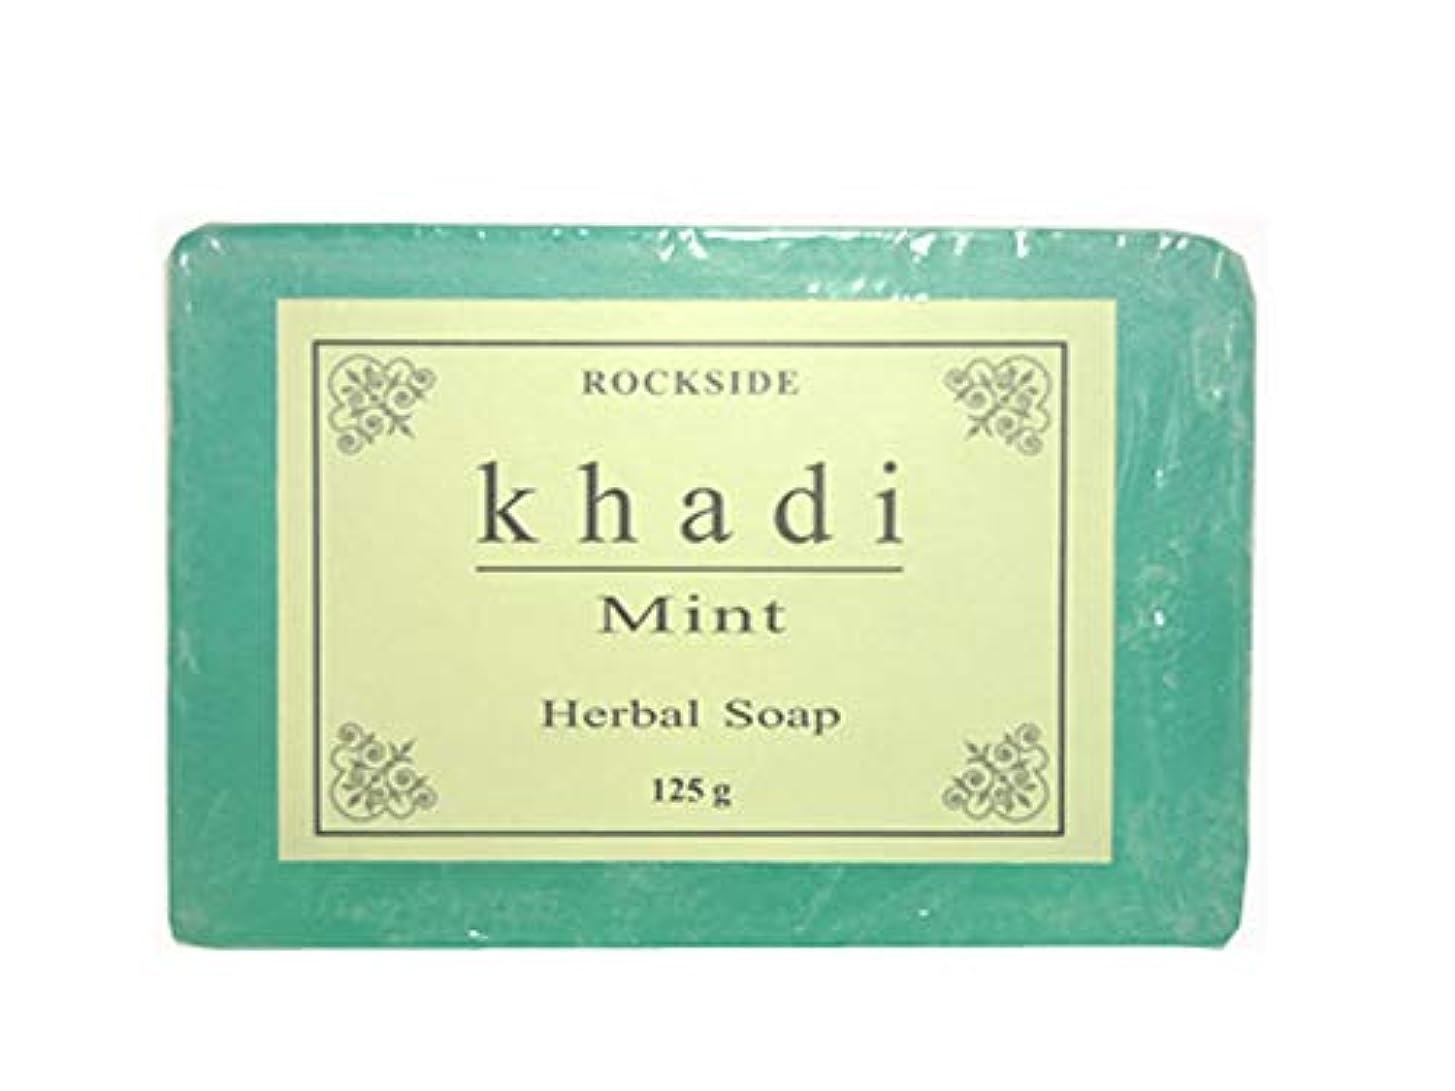 見捨てる優しさ解説手作り  カーディ ミント ハーバルソープ Khadi Mint Herbal Soap